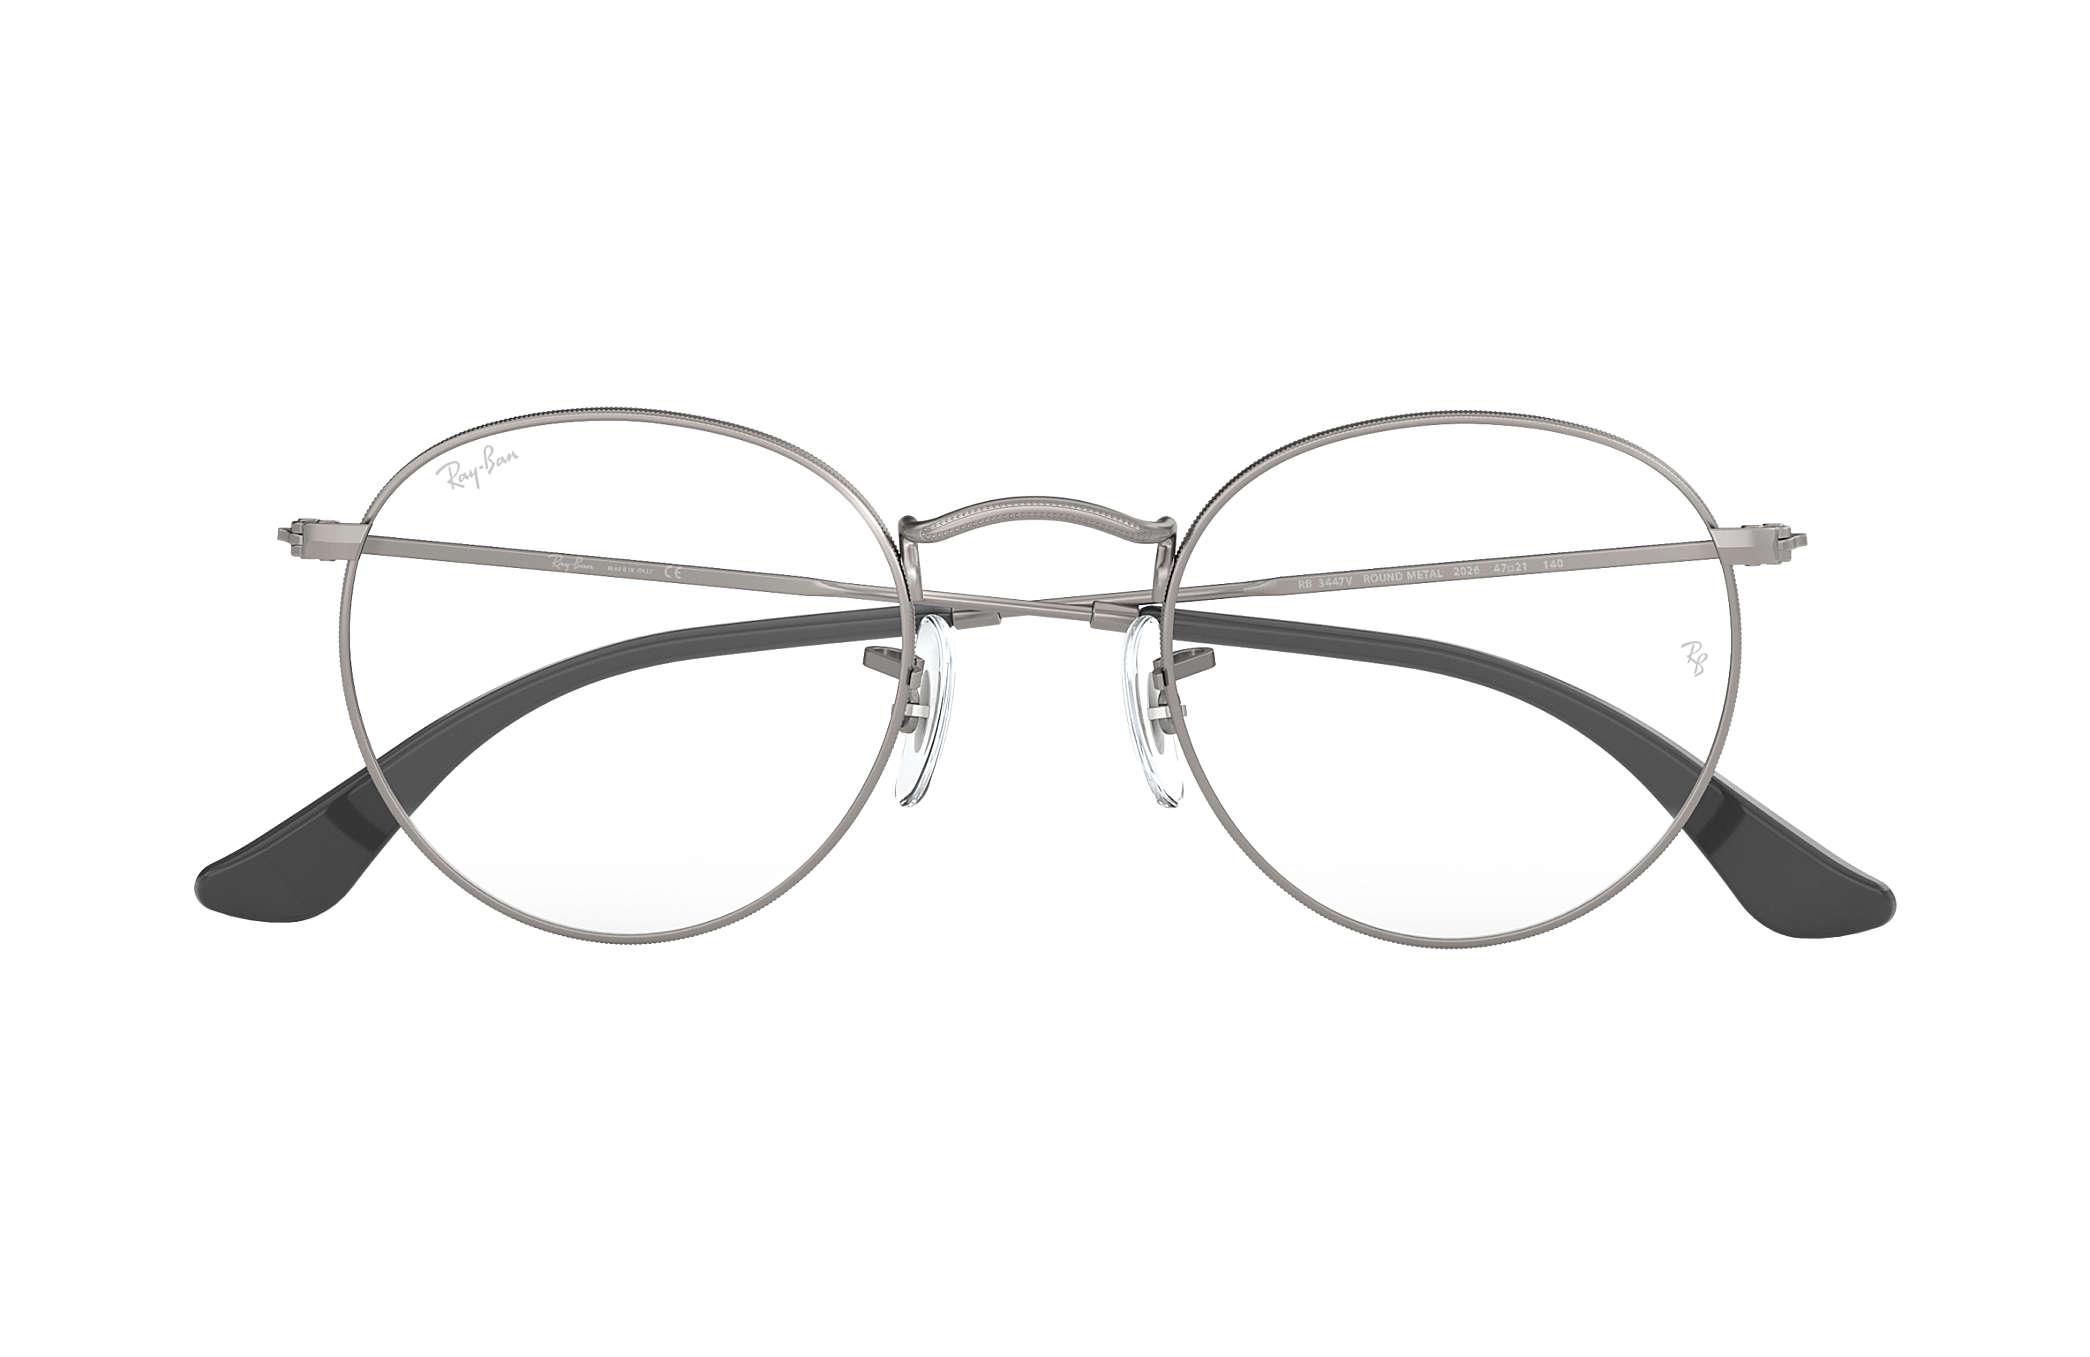 b7b9547338 Ray-Ban prescription glasses Round Metal Optics RB3447V Gunmetal ...